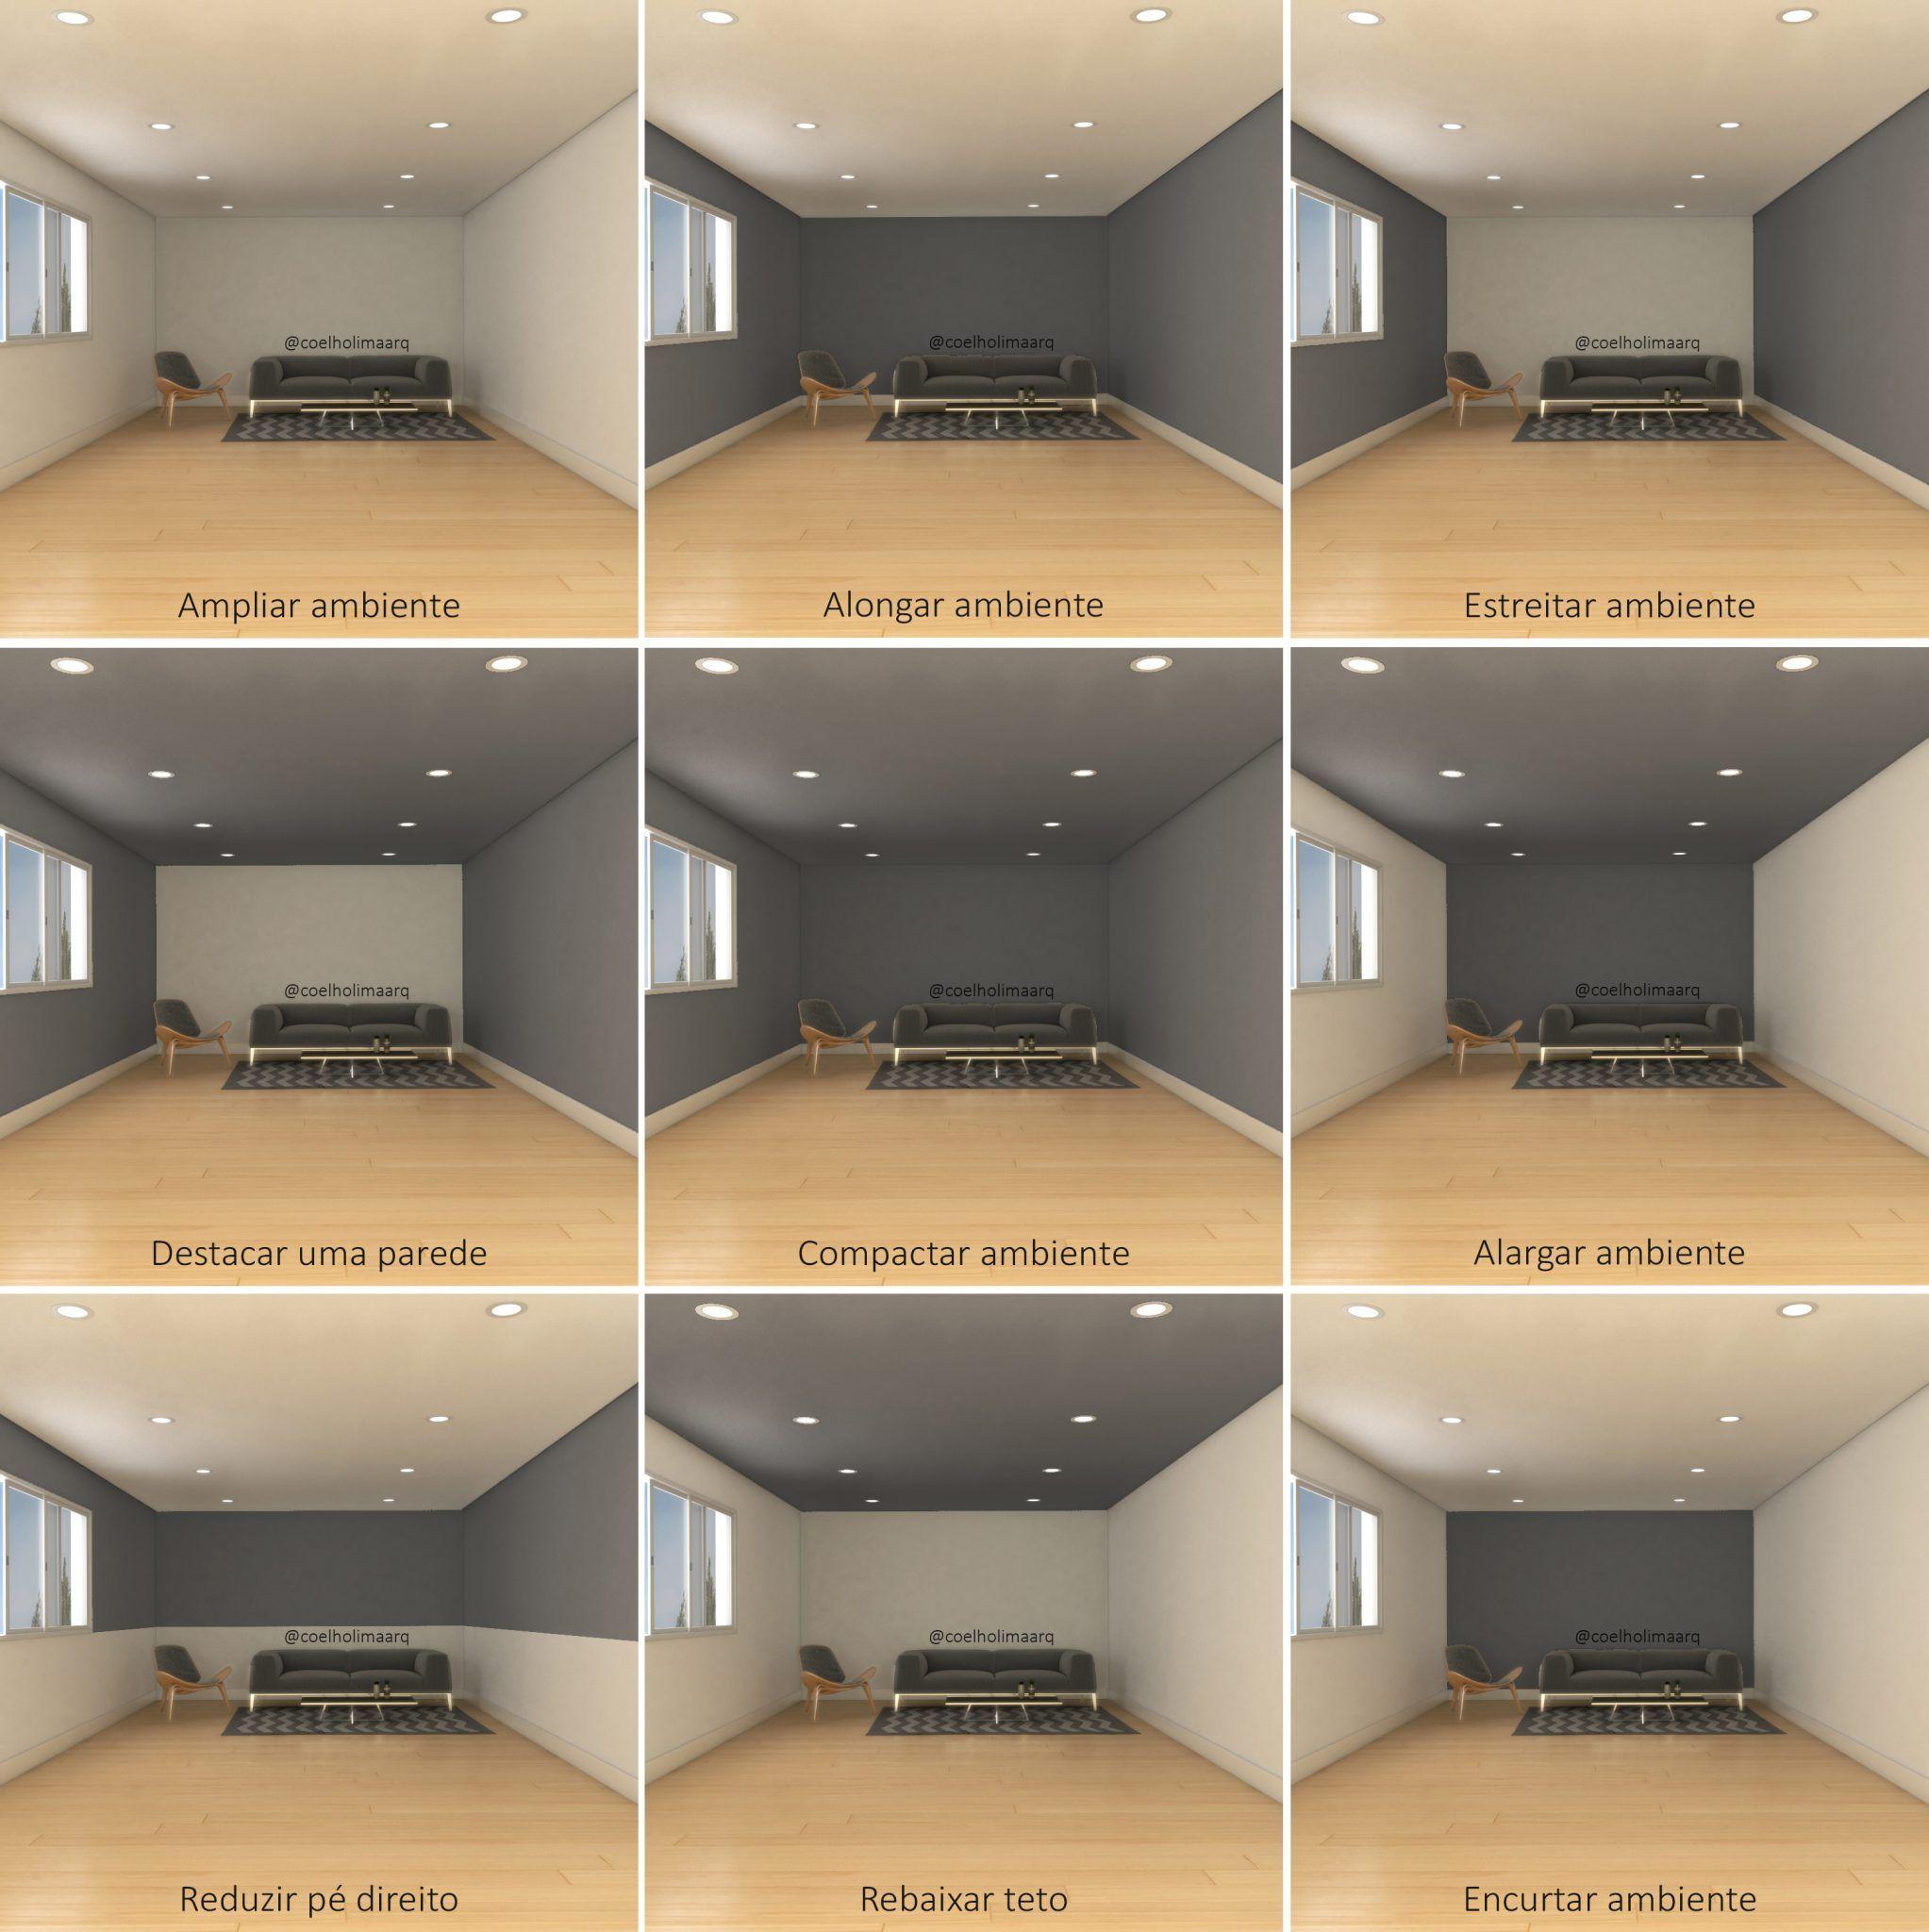 Pintura X Sensacao Remodelacao Da Casa Interiores De Casas Sala De Design De Interiores